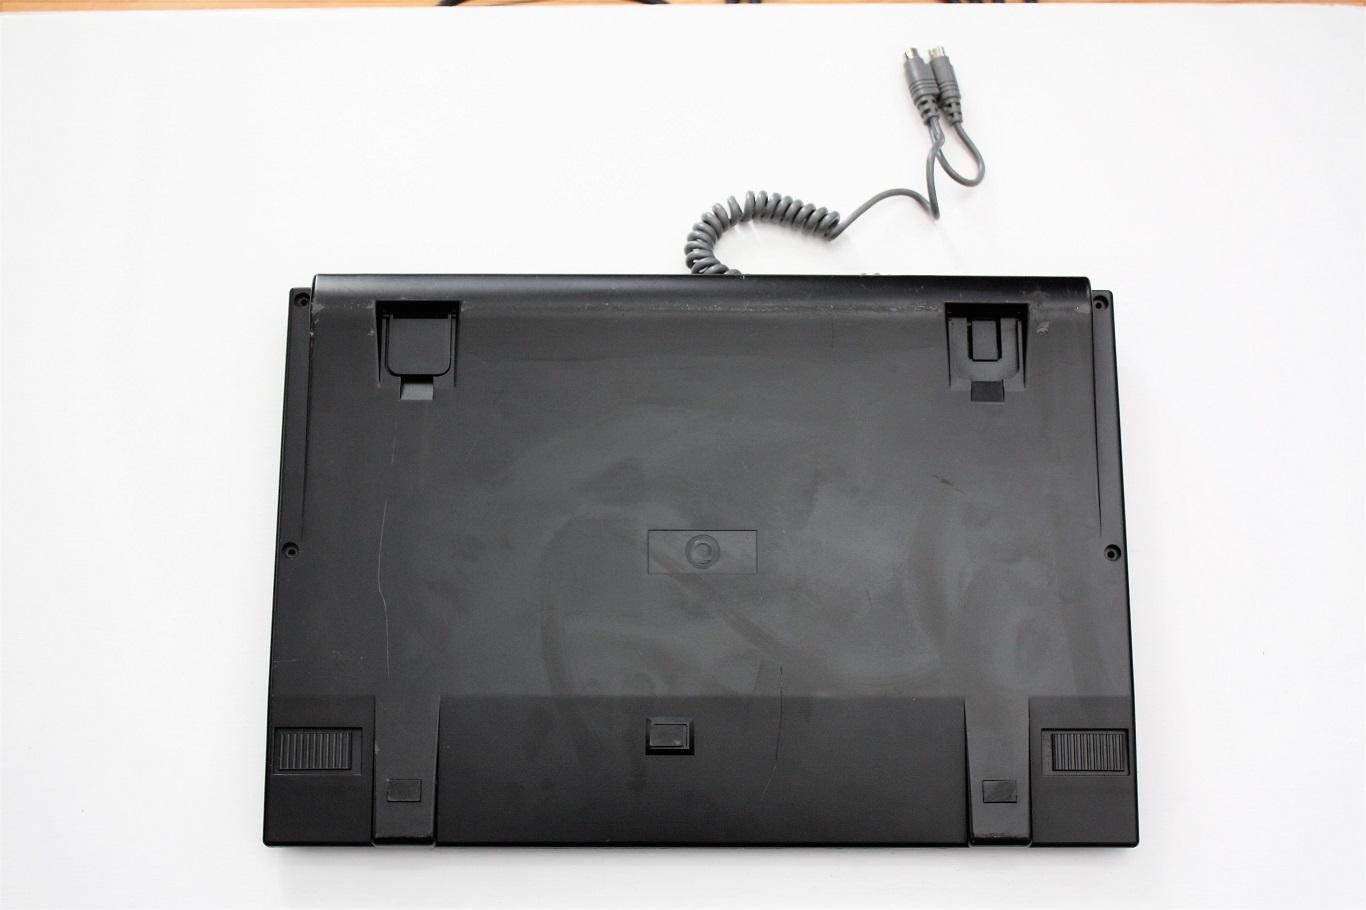 Prism N7 - keyboard back.JPG